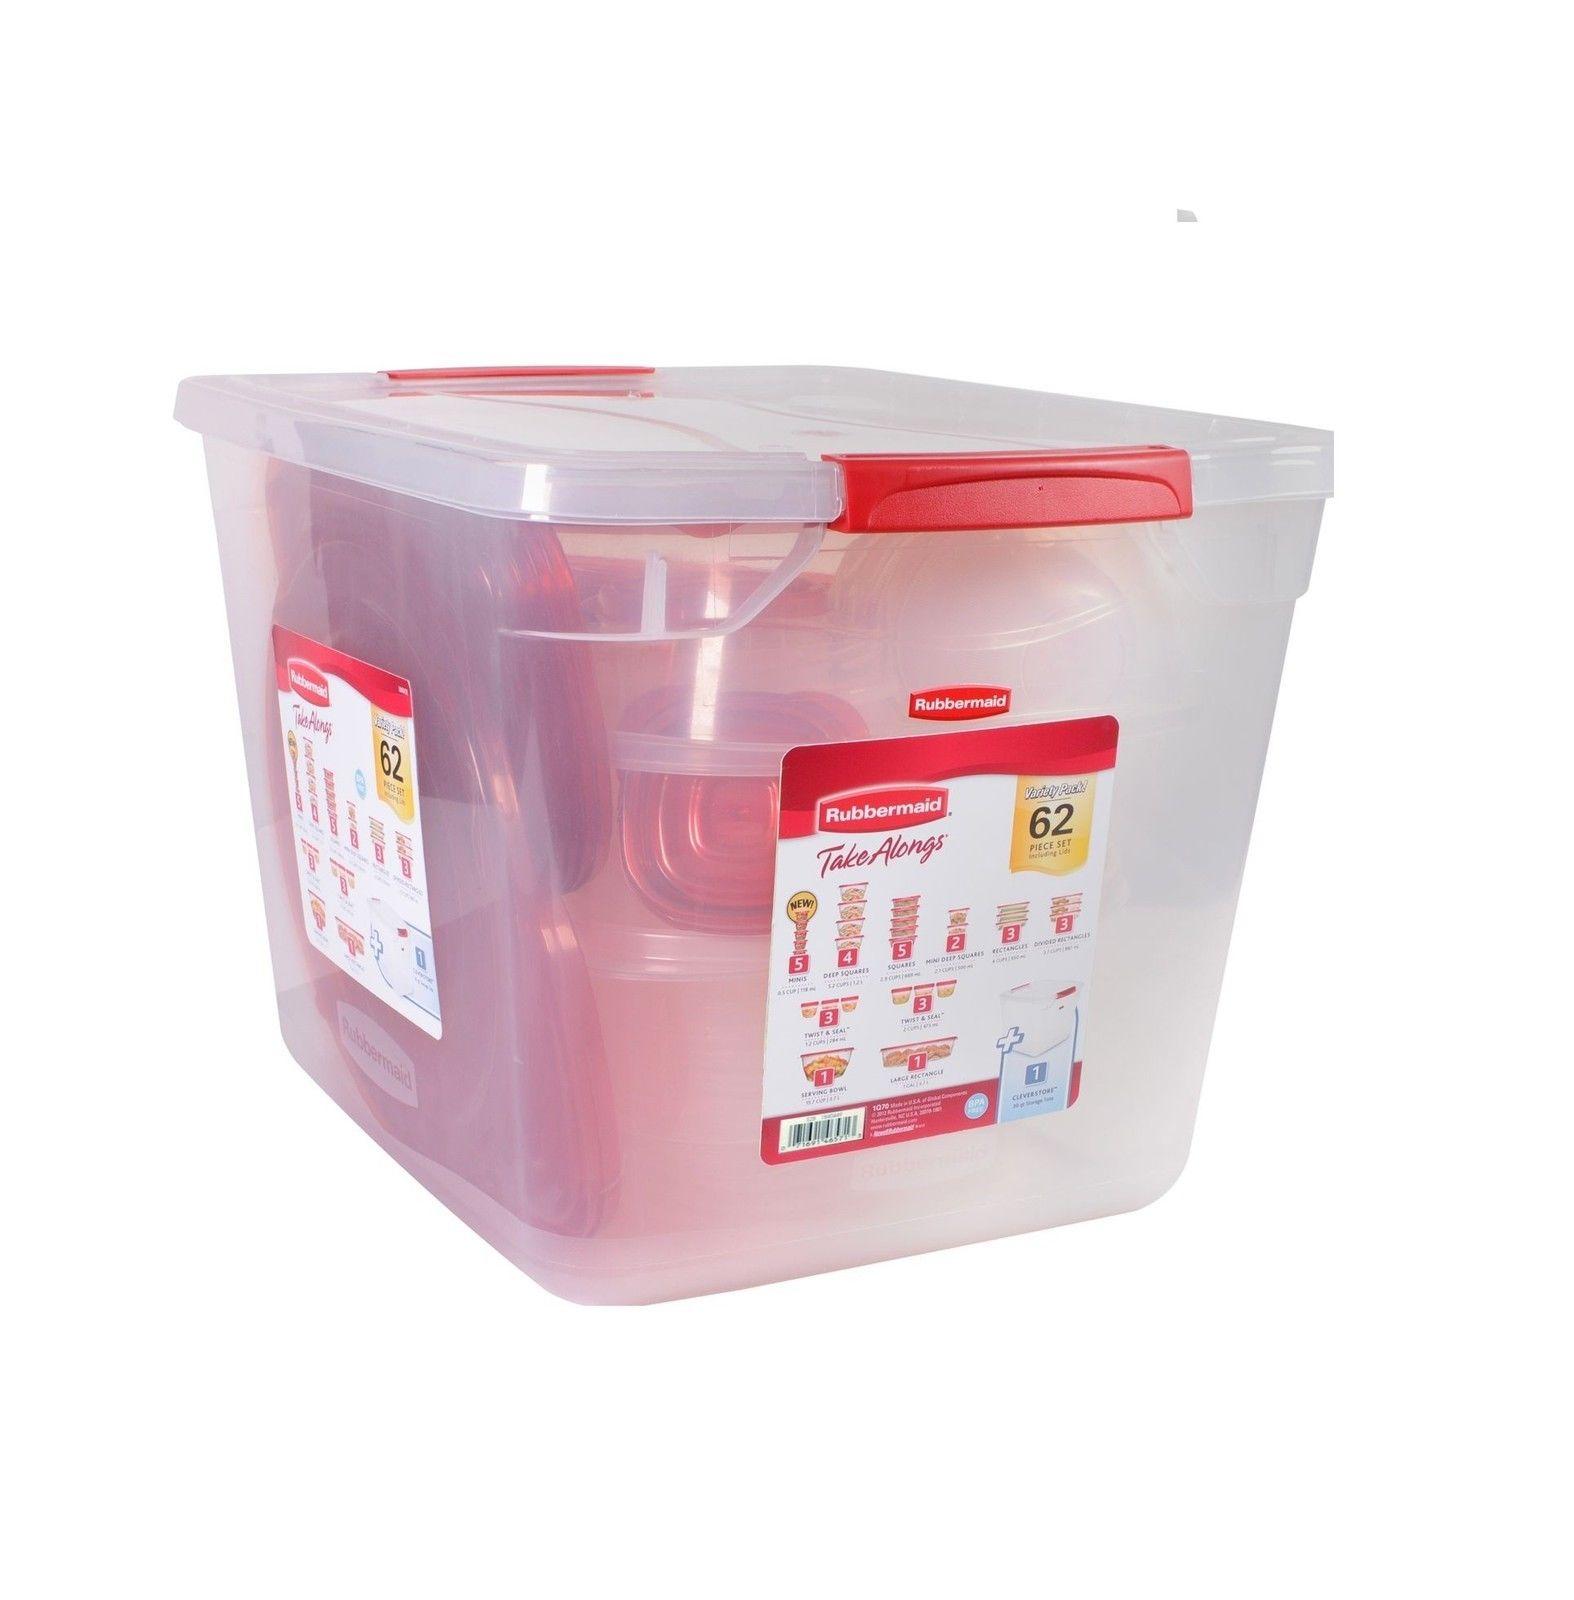 Rubbermaid 62-Piece TakeAlongs Food Storage Set 1